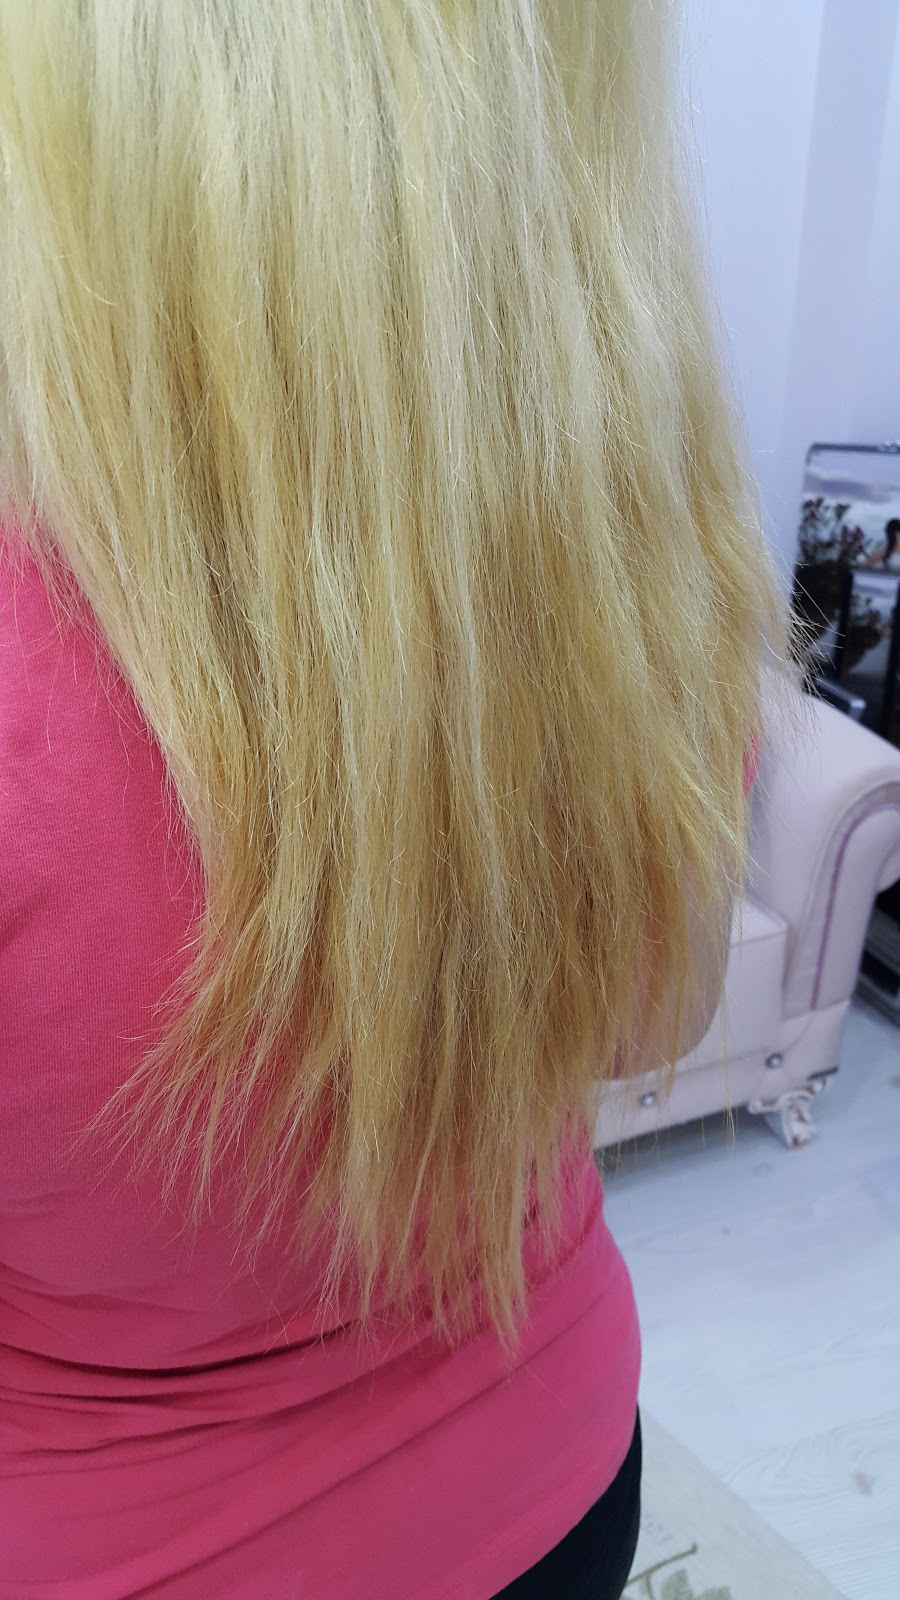 Etiket: saç rengini açmak